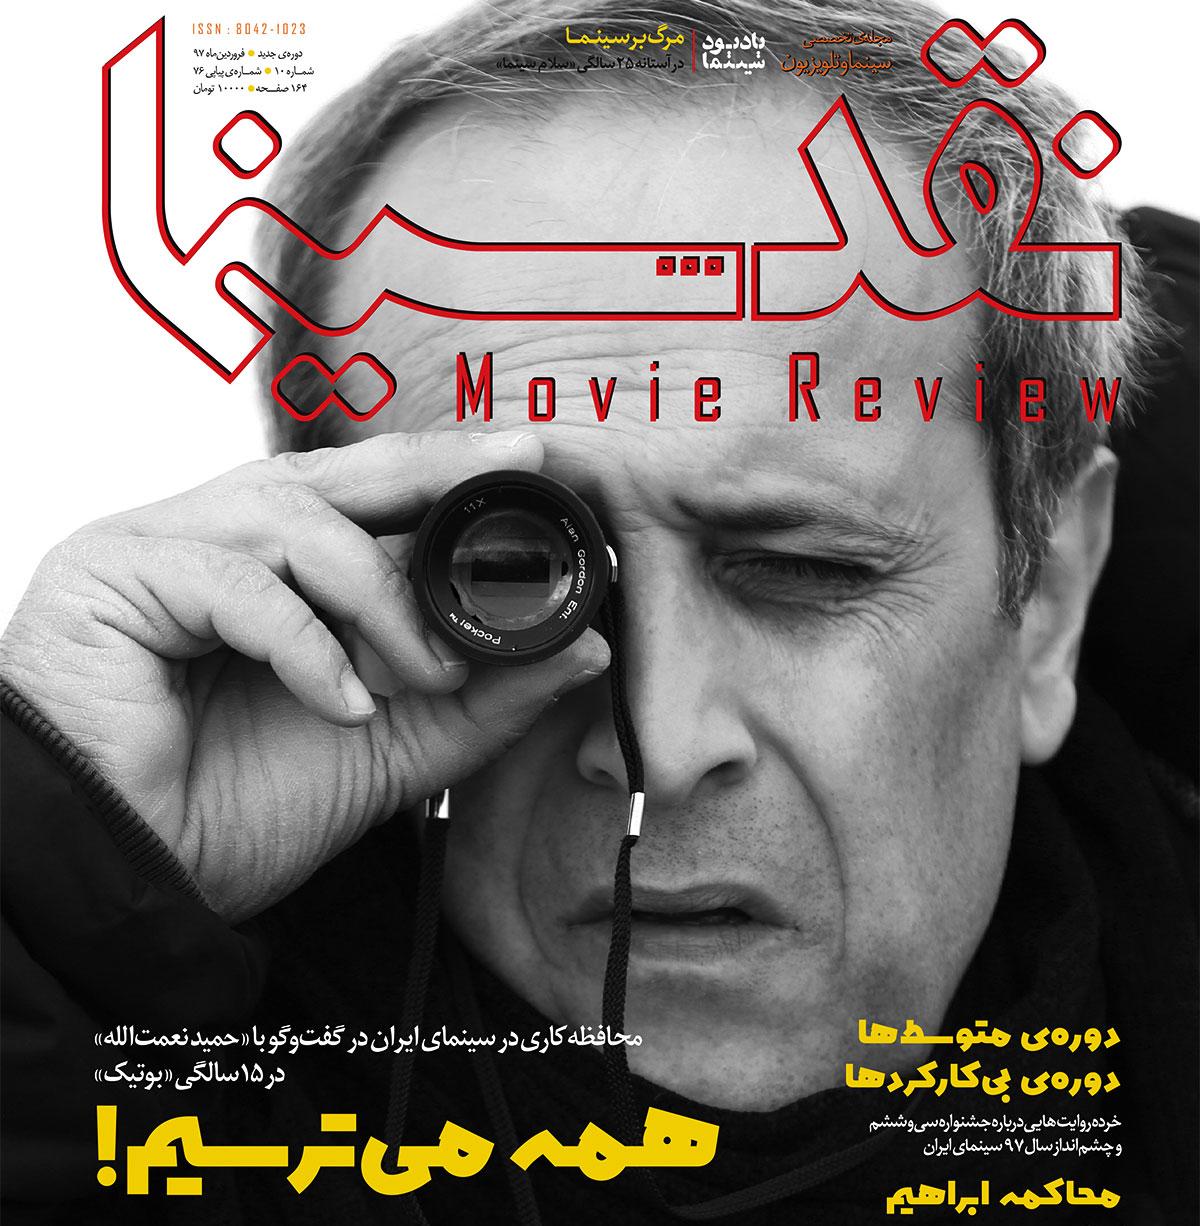 76-naghd-cinema